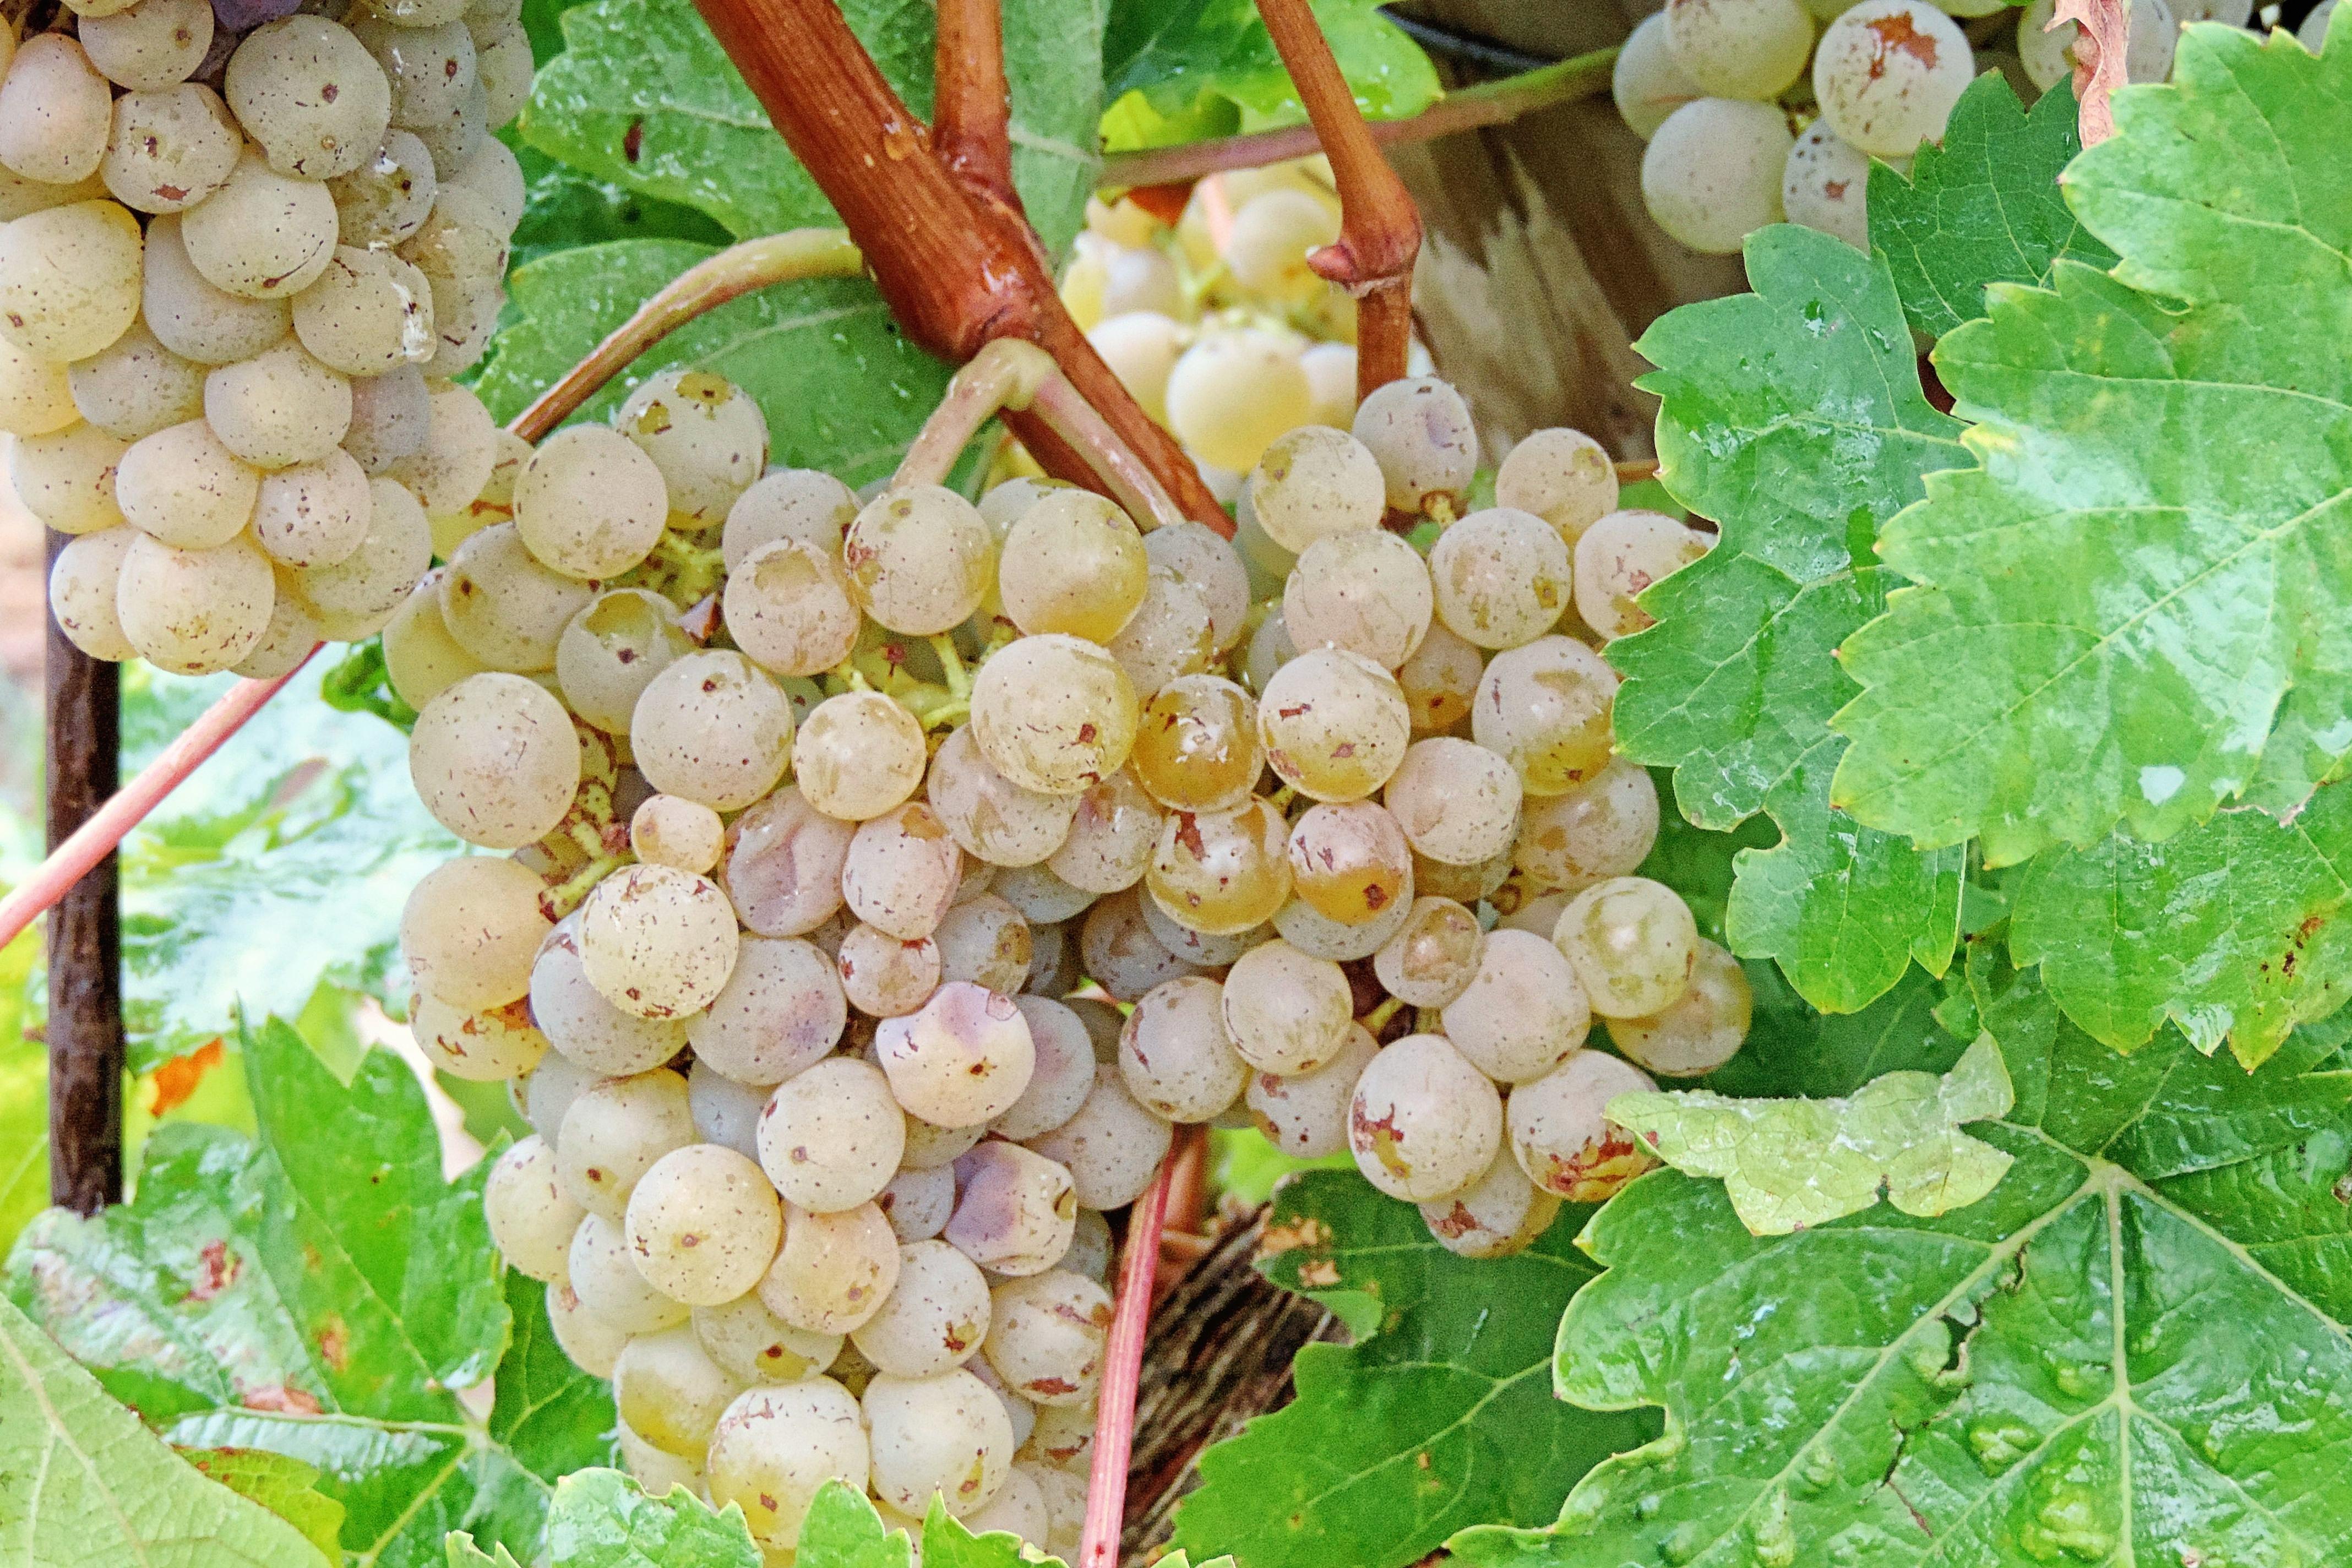 картинки куст винограда точных функций товара